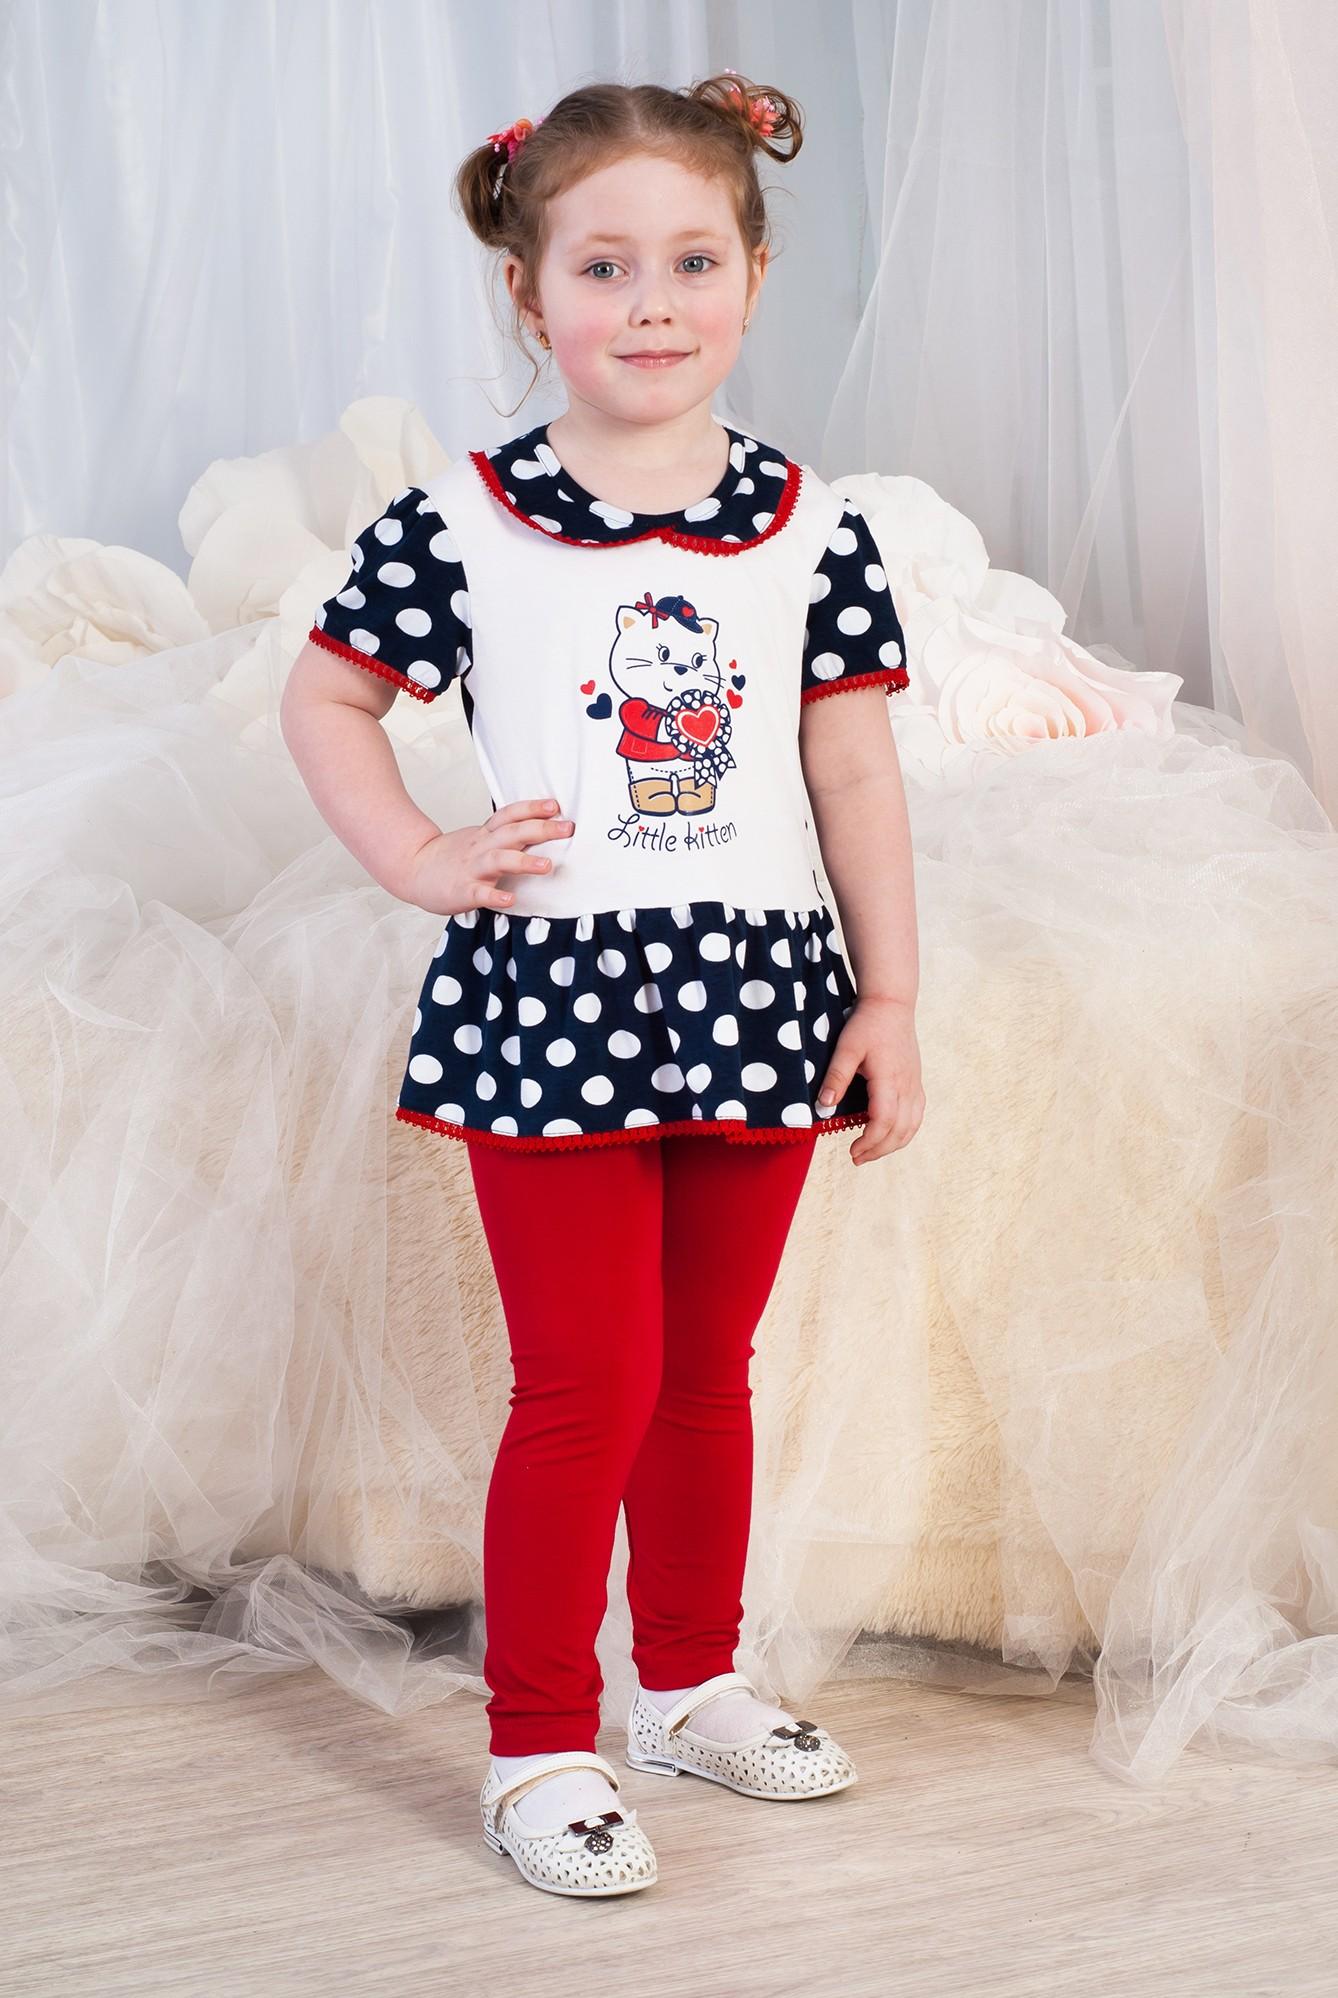 Купить детский трикотаж Костюм детский Киттен-2 от производителя г ... e3929586676